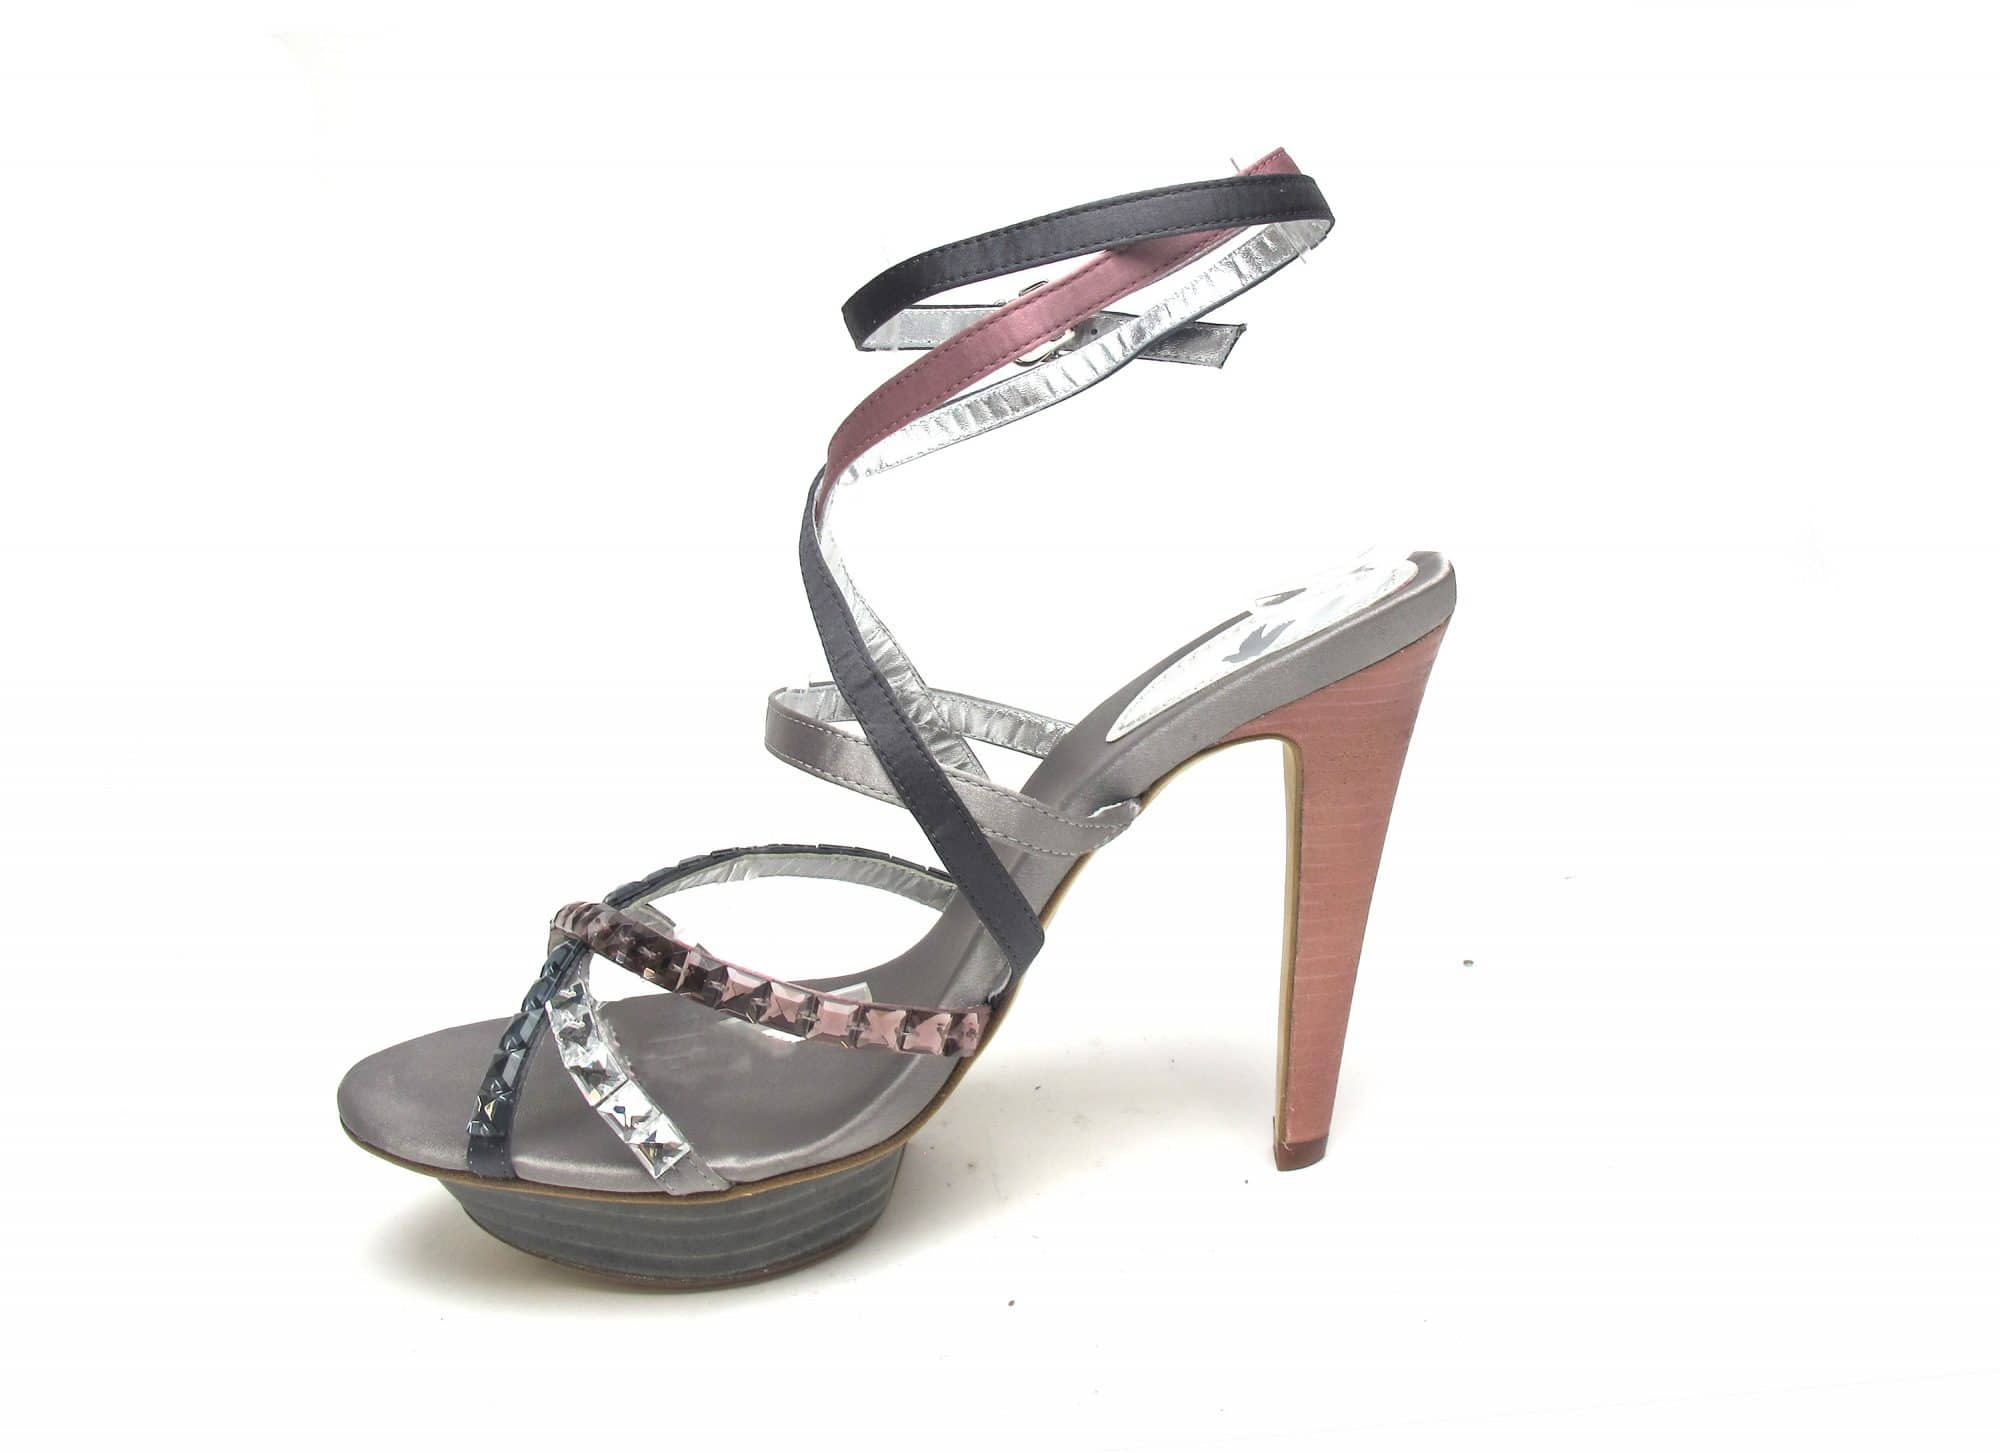 Tsuru Grey & Pink strappy heels with crystals